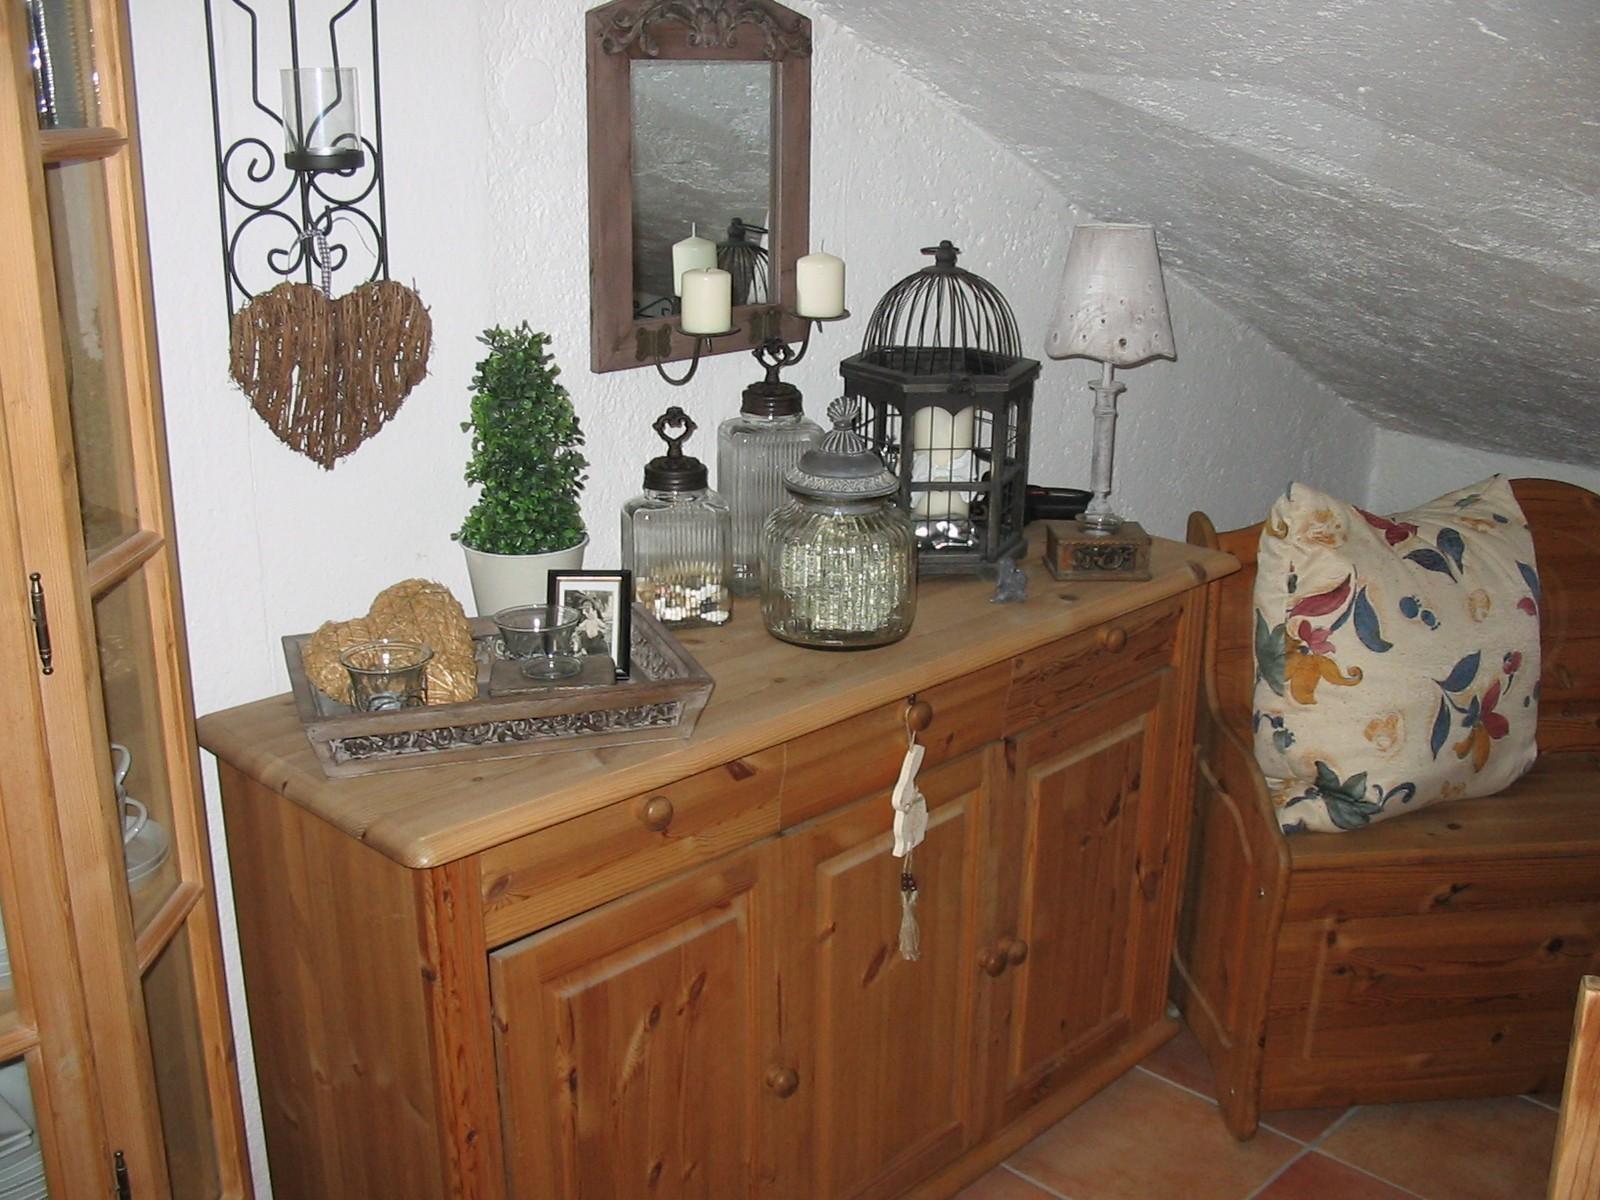 Wohnzimmer Mein von Dekomauserl - 23368 - Zimmerschau